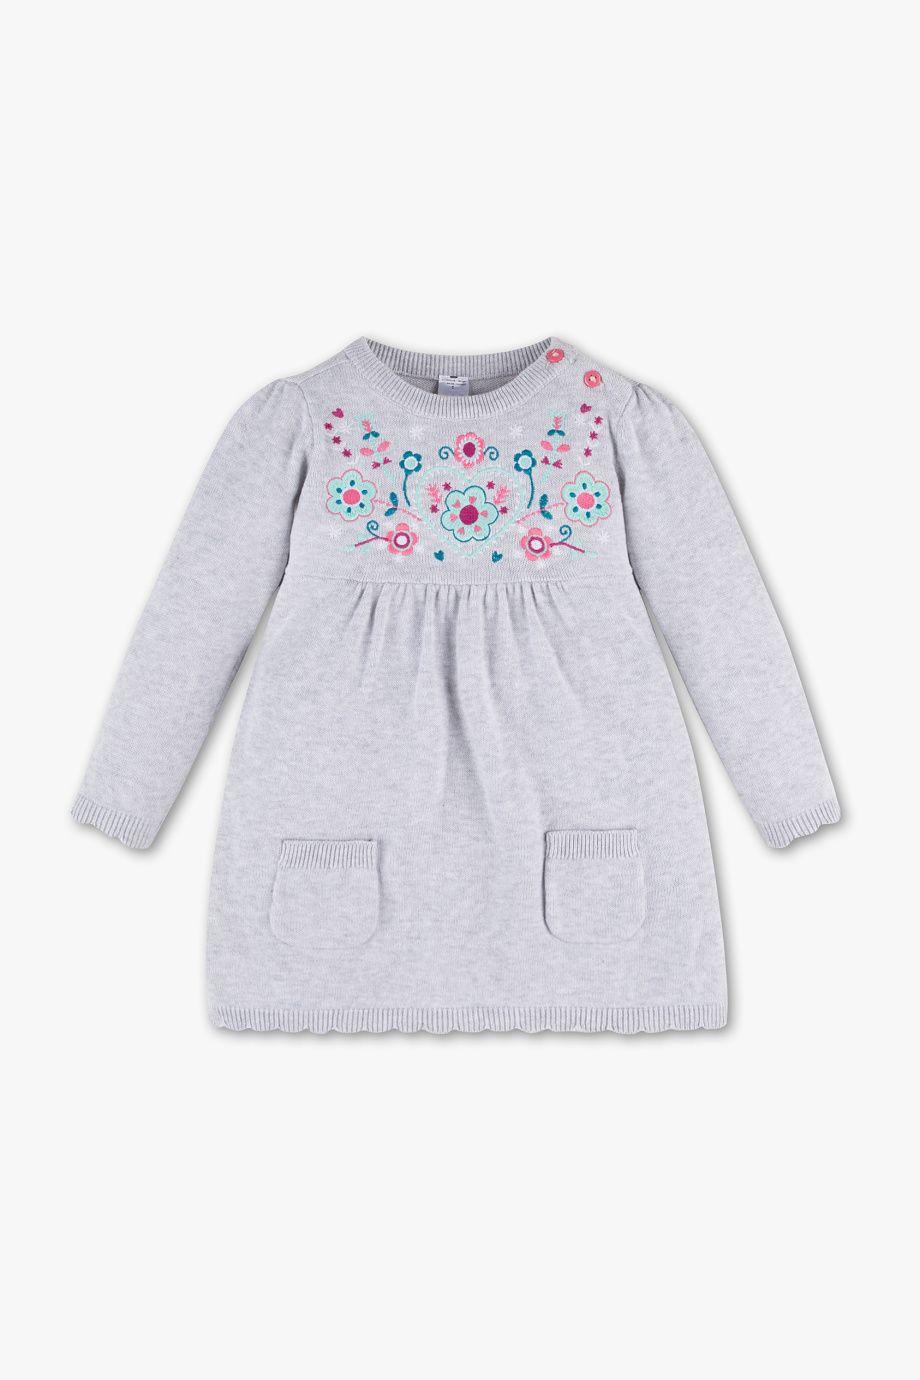 bcc5c6c6a6ba7 Baby Club Robe pour bébé - maille fine